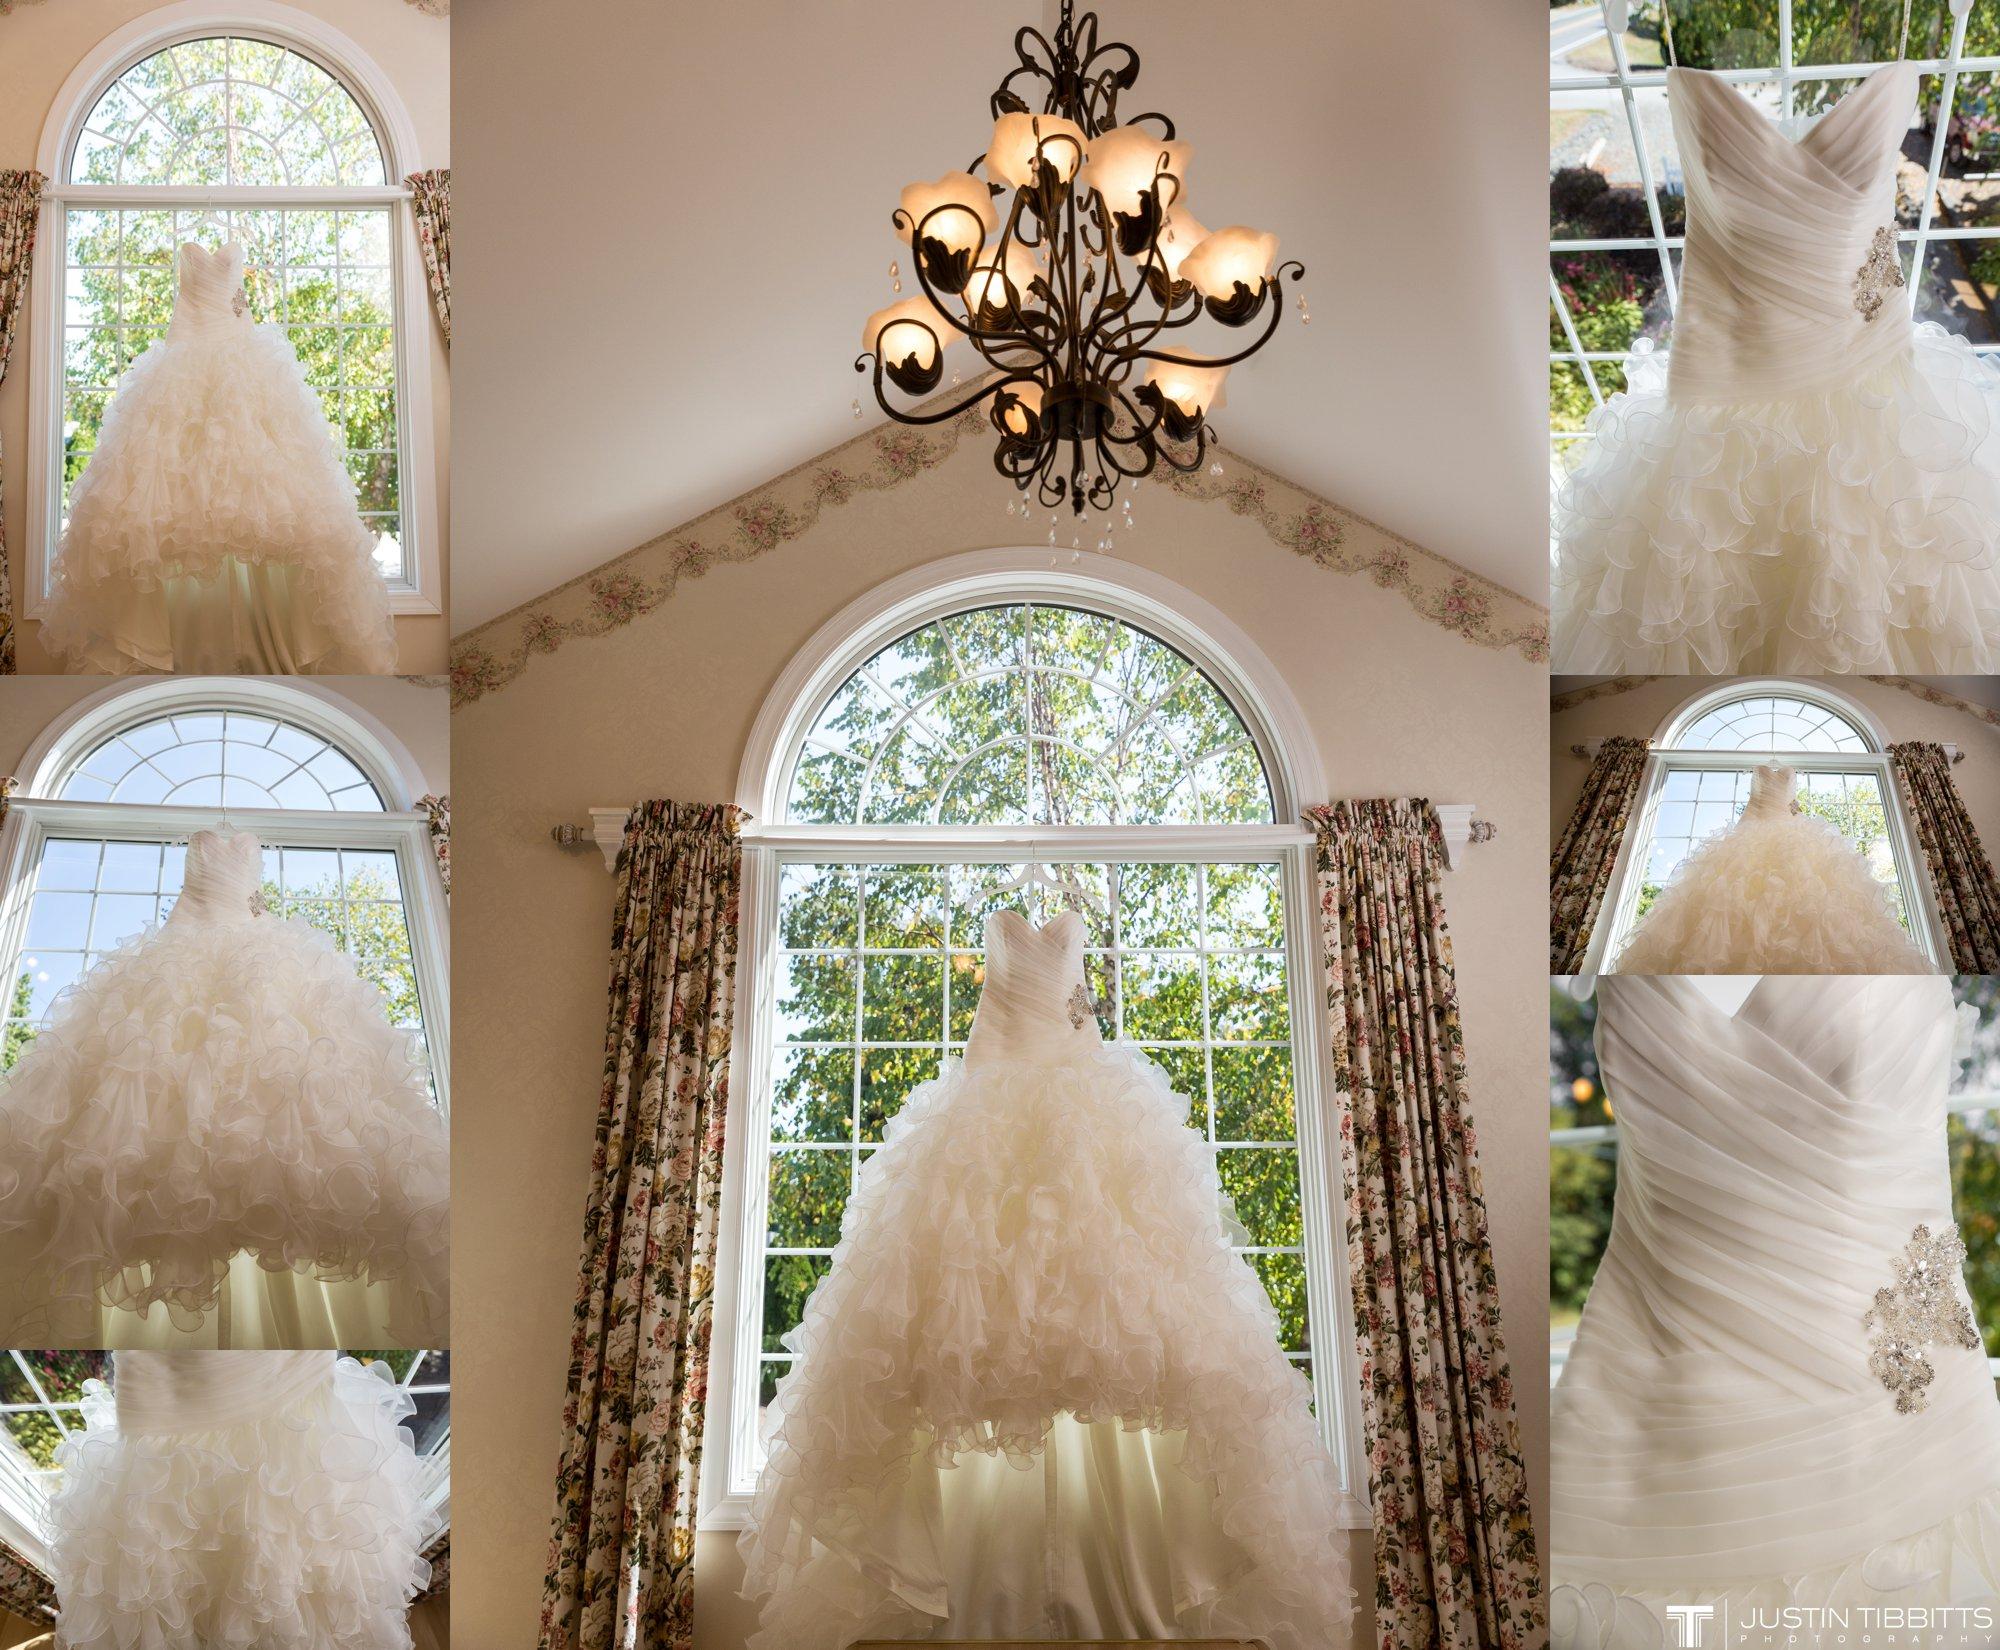 Albany NY Wedding Photographer Justin Tibbitts Photography 2014 Best of Albany NY Weddings-156571021075793